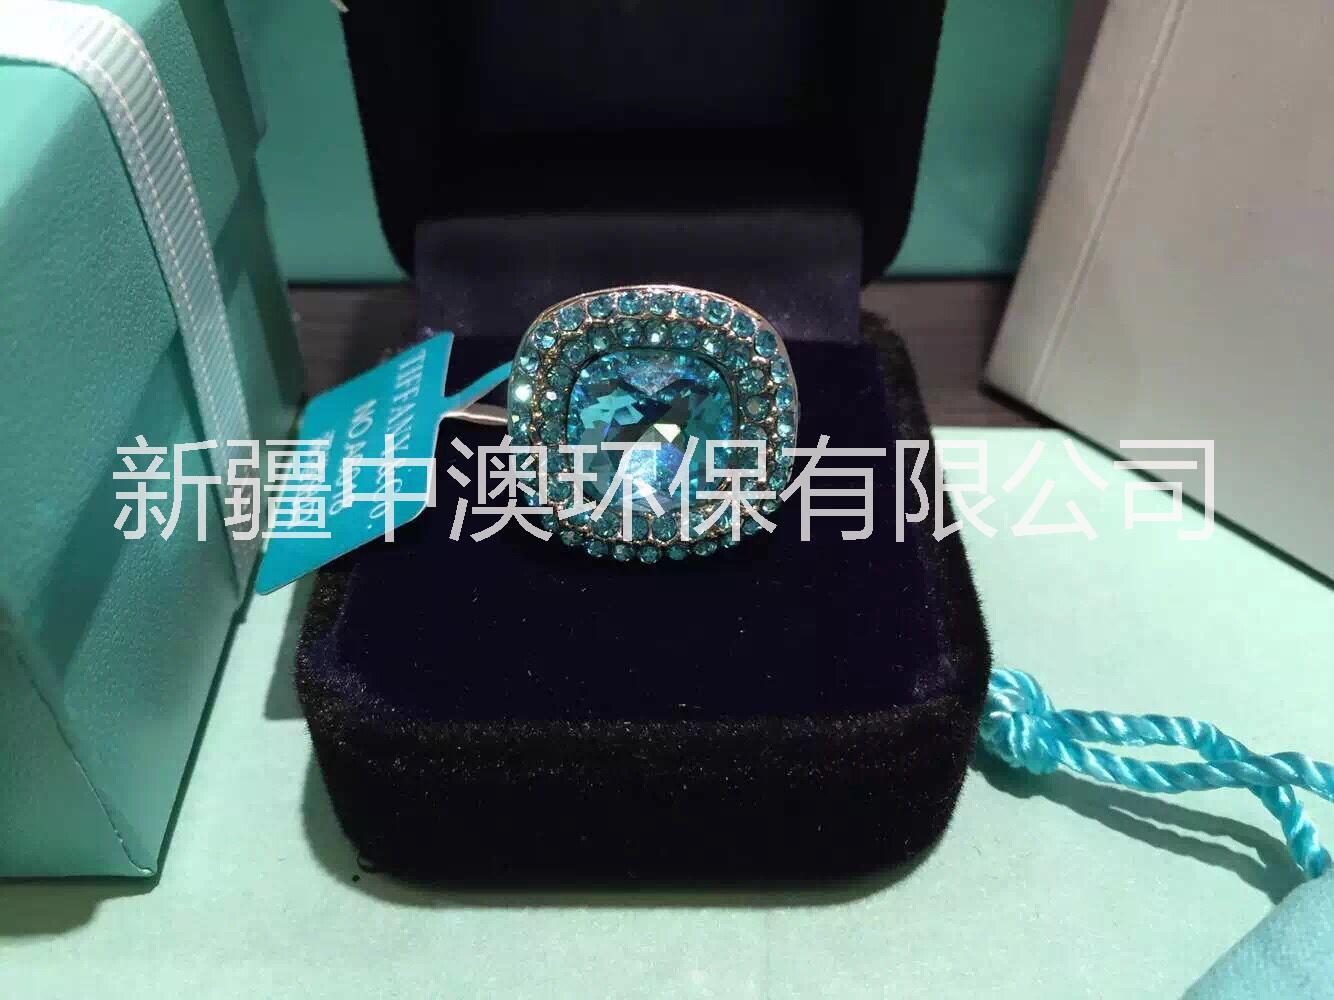 供应蓝钻传奇戒指大牌首饰定制海外订单